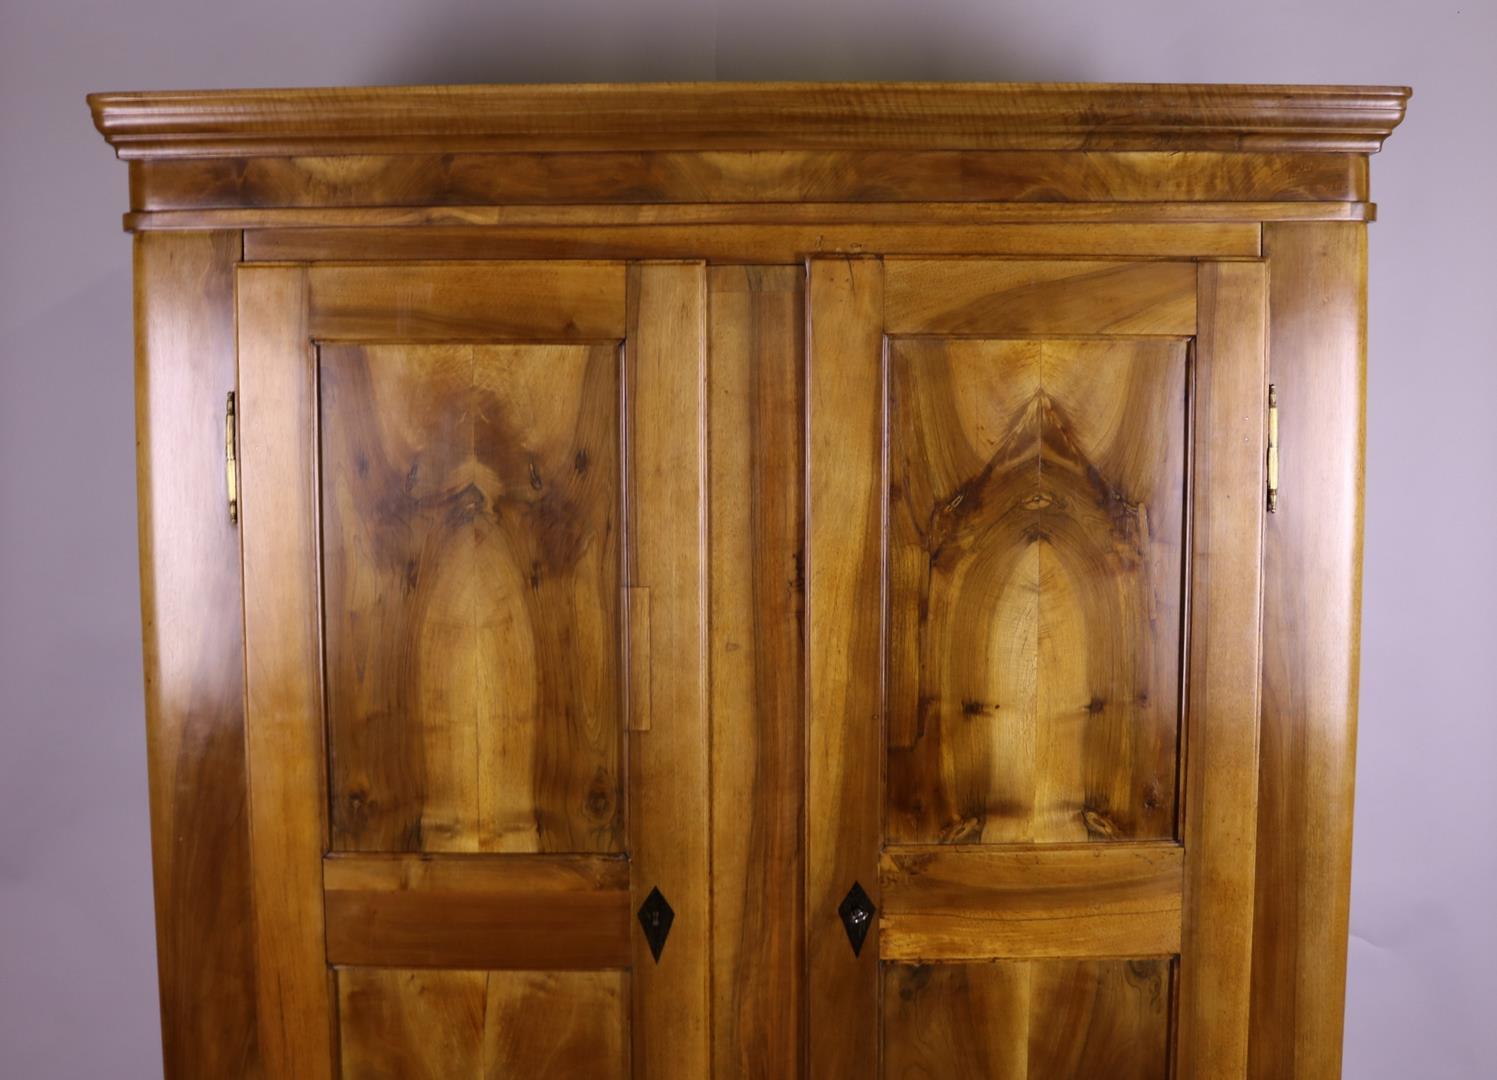 Walnut Wood Beidermeier Wardrobe Around 1850 Original Antique